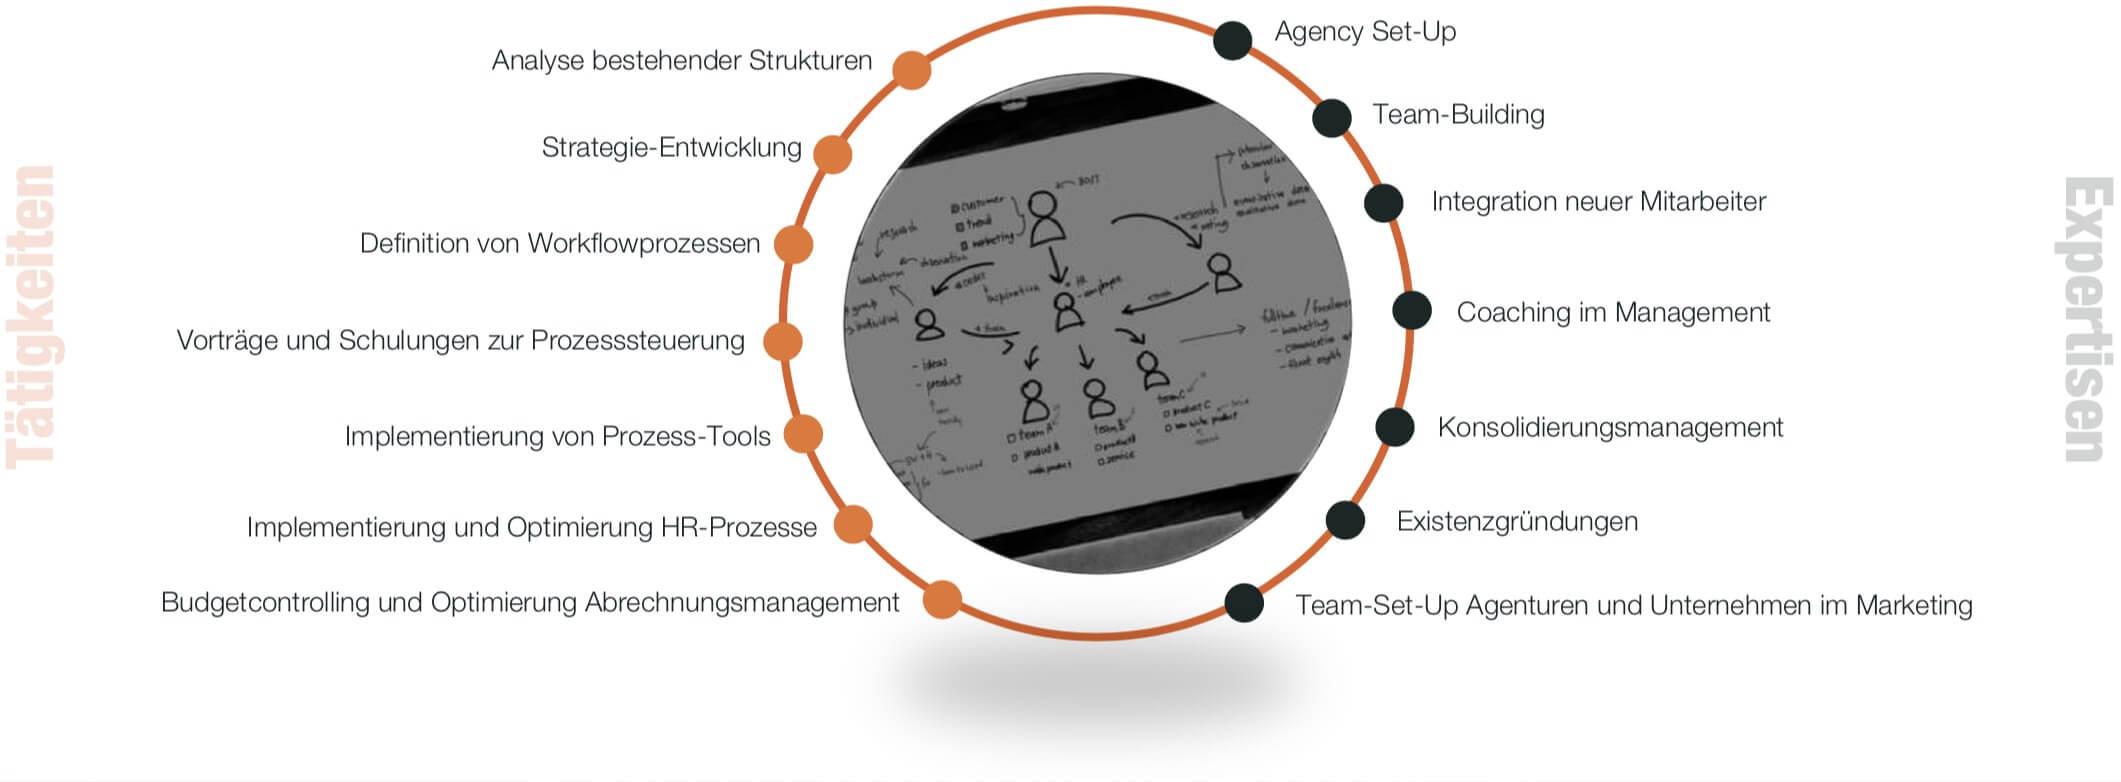 Infografik Organisationsentwicklung